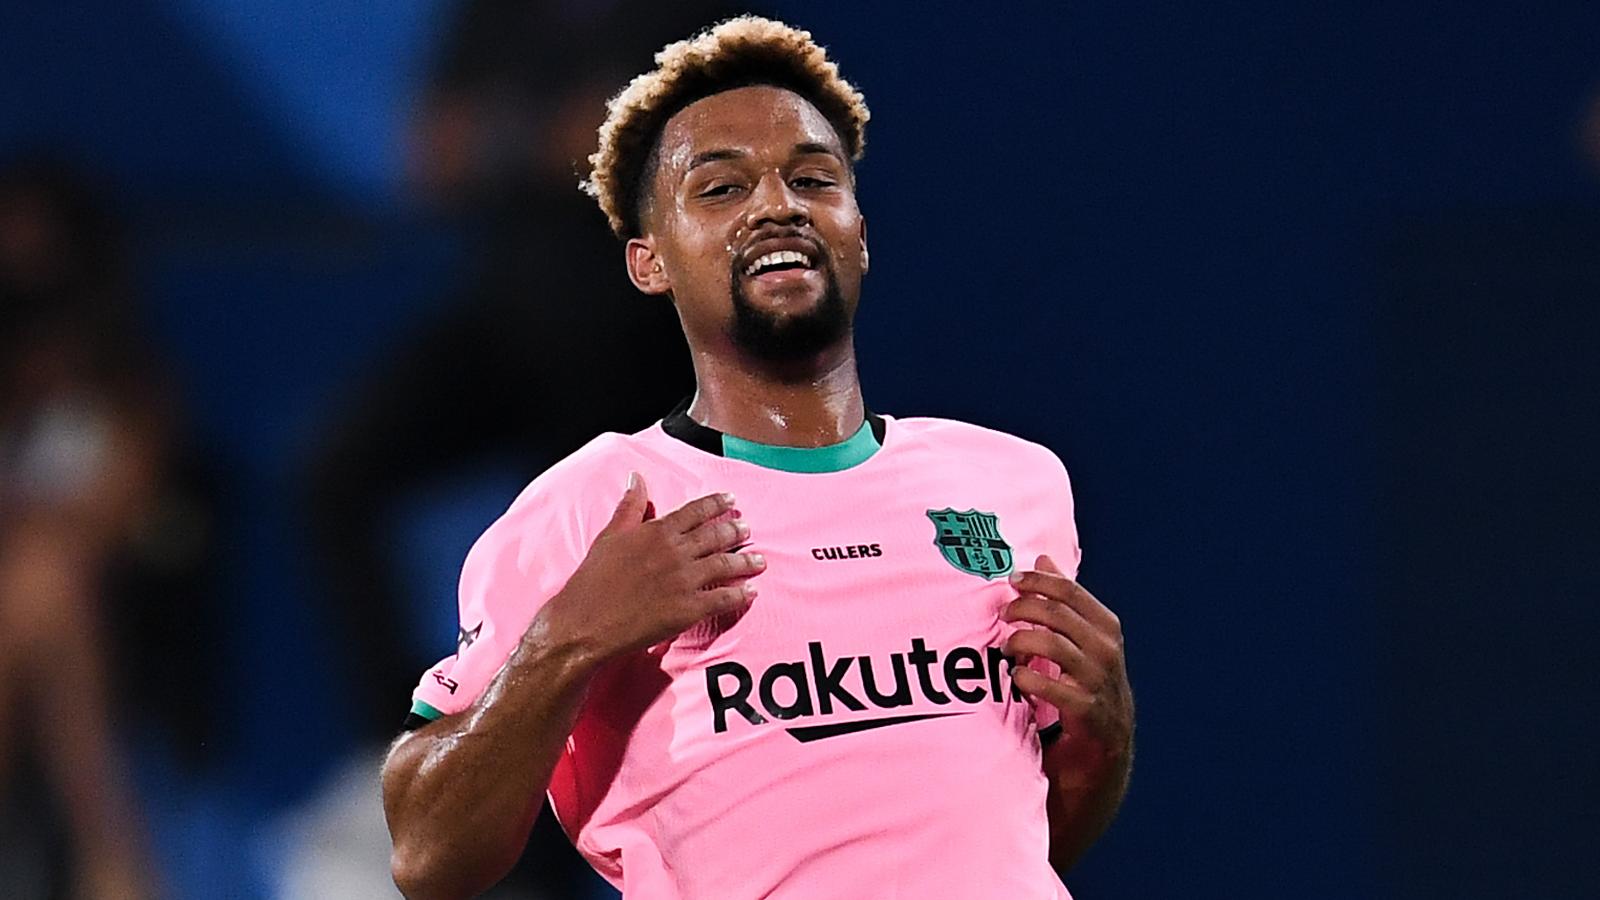 USMNT winger Konrad de la Fuente joins Marseille from Barcelona in €3m deal